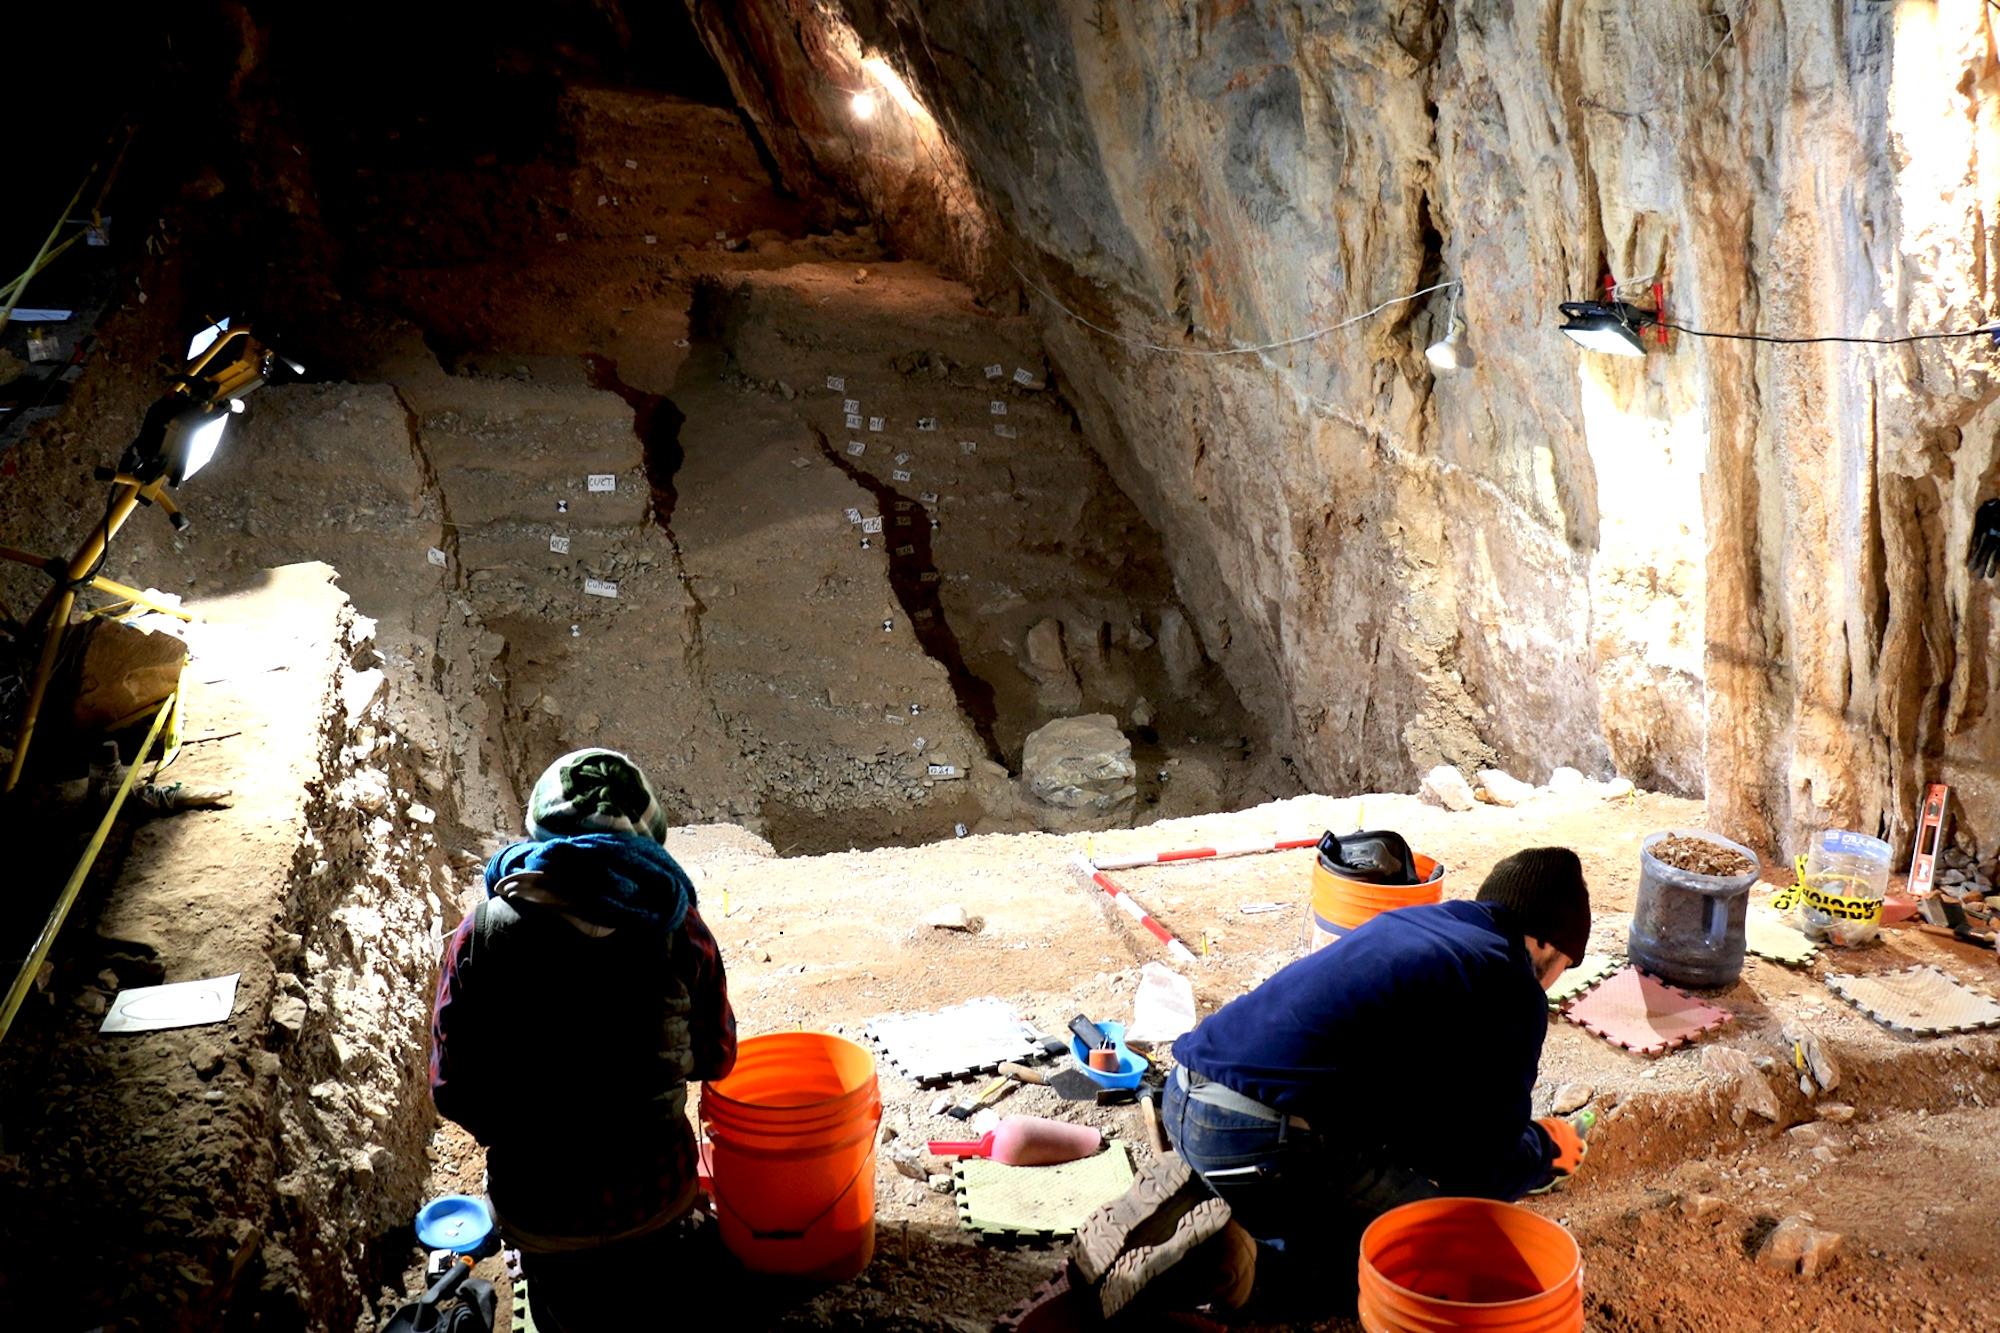 Earlier arrival: Archaeological dig makes startling find